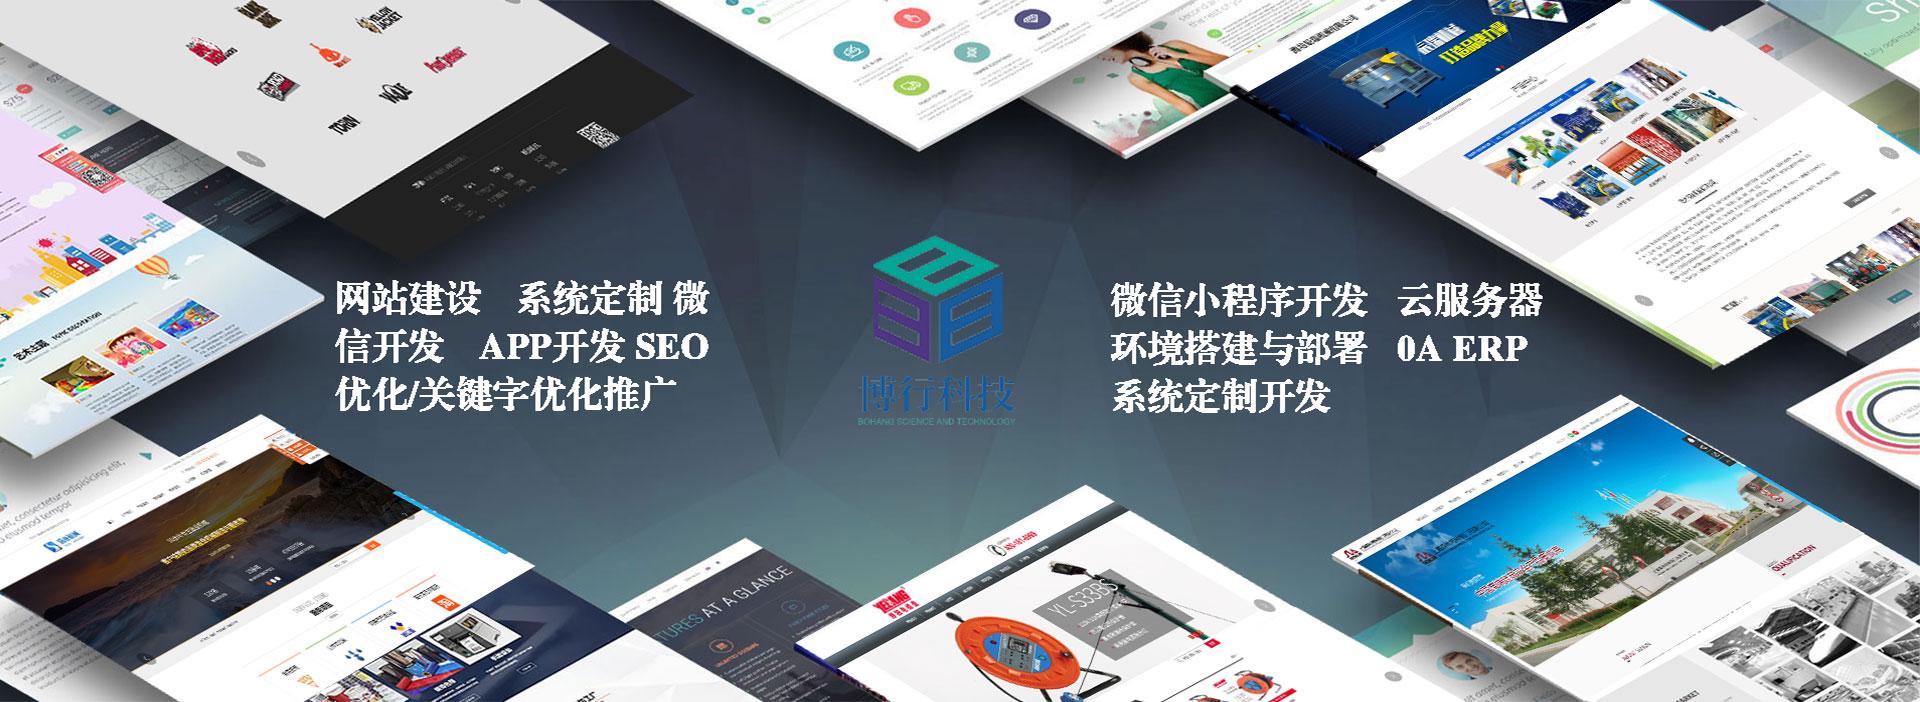 網站建設,網絡推廣,小程序開發